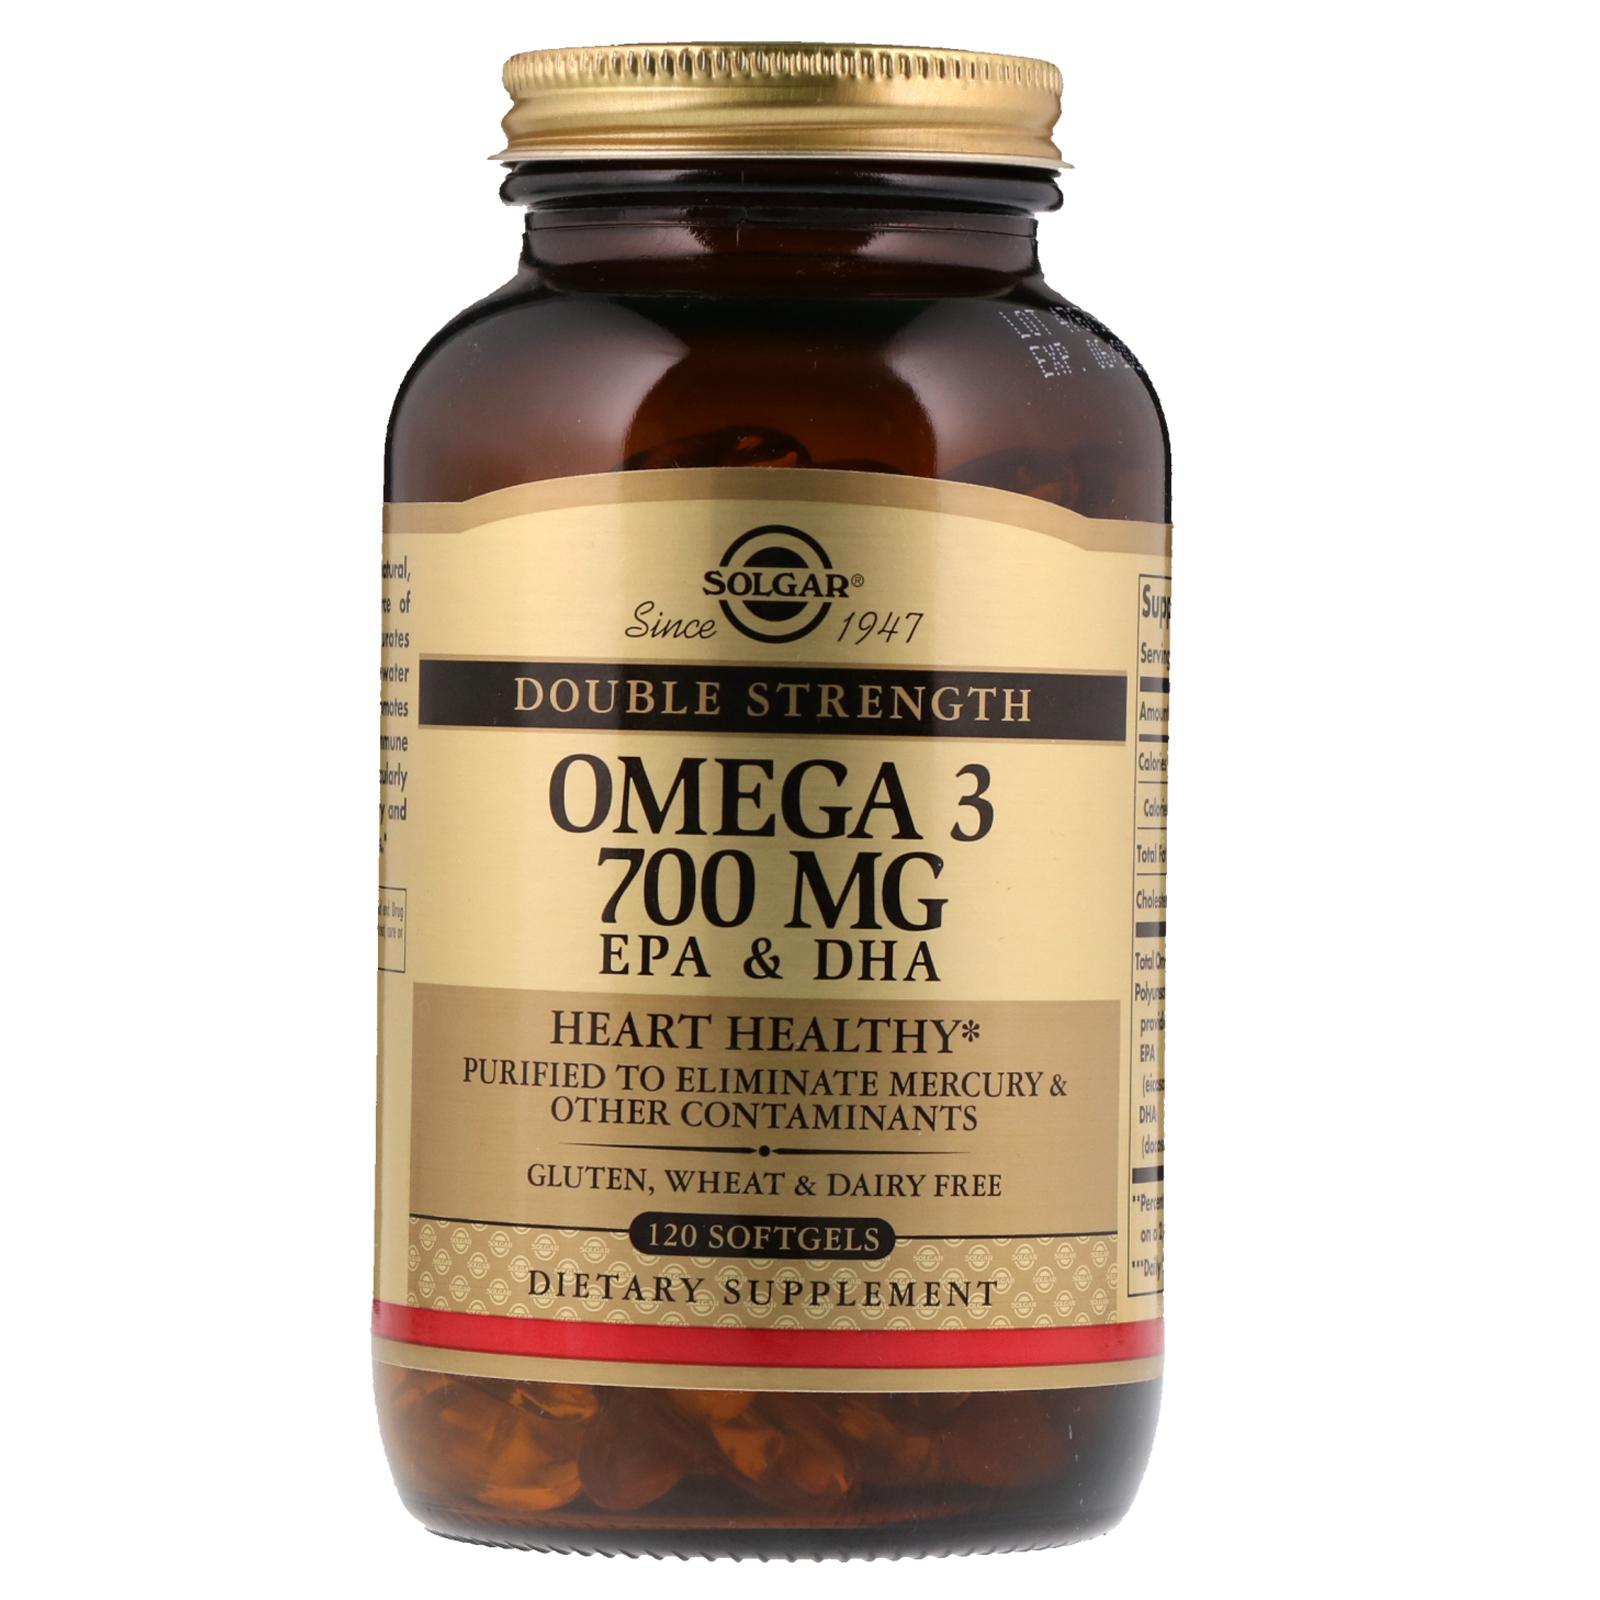 aco omega 3